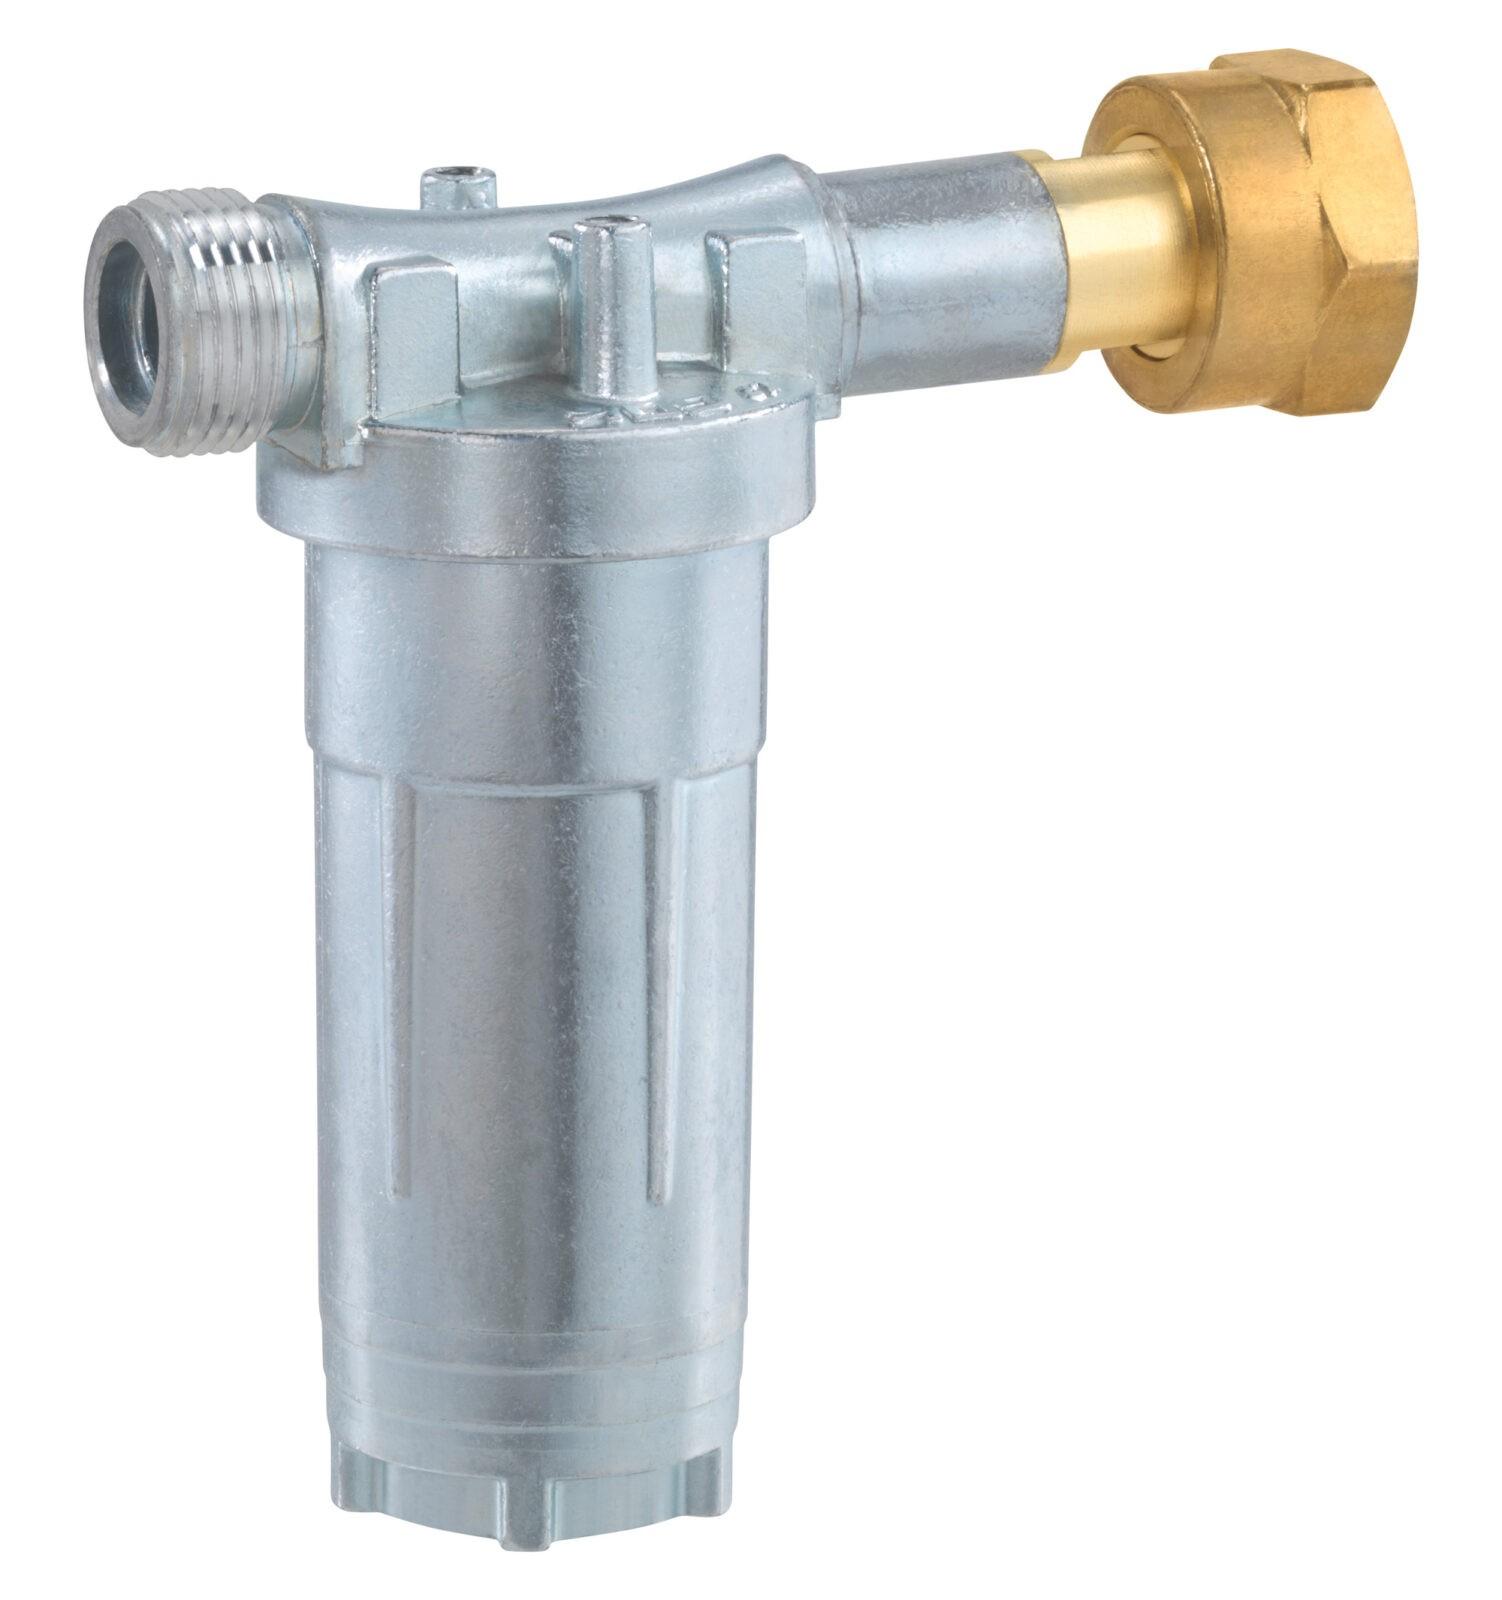 Газовый фильтр Caramatic Connect Clean AG M20 x 1,5 x M20 x 1,5 UEM тип 85Е